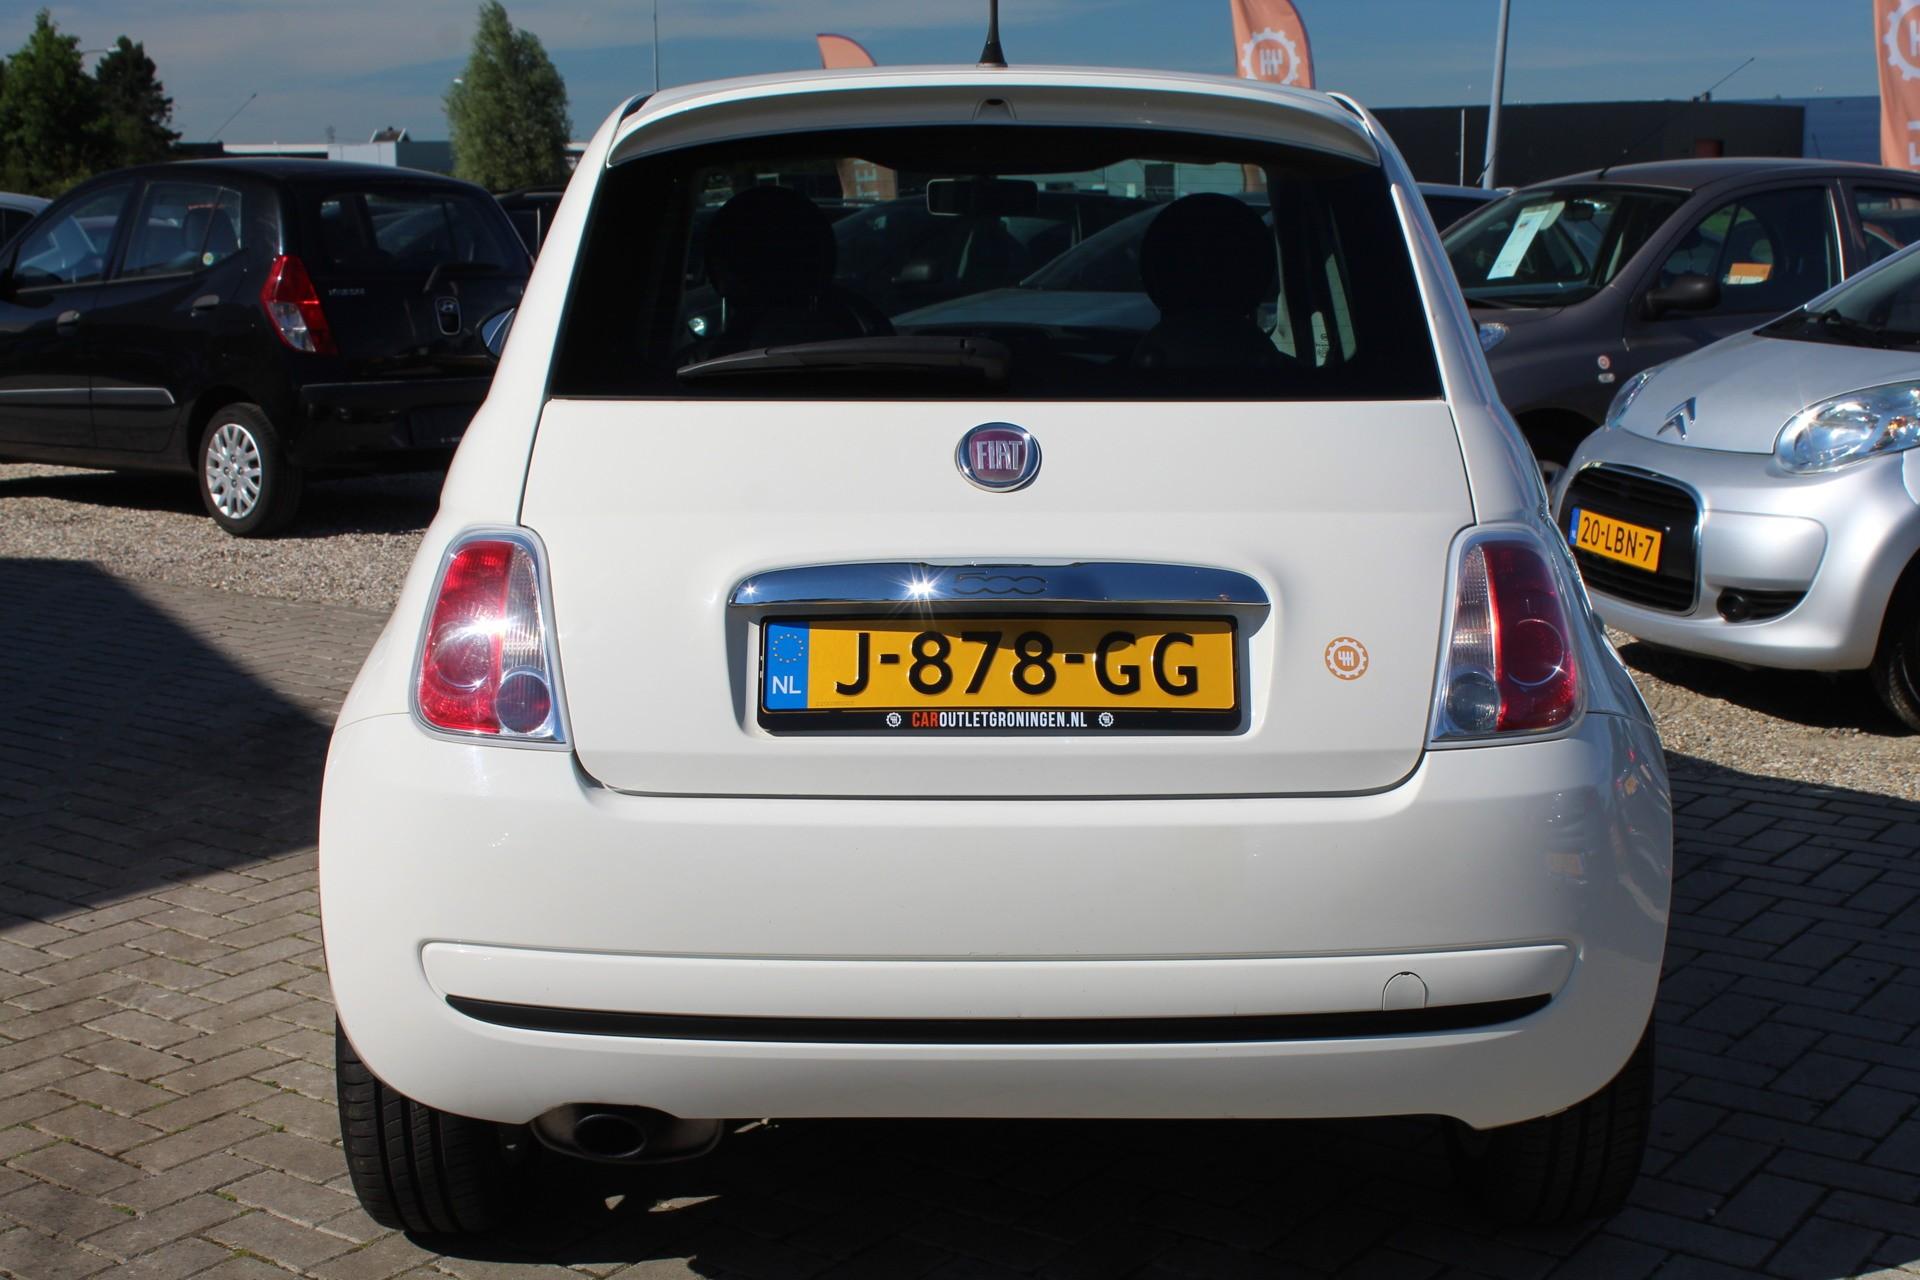 Caroutlet Groningen - Fiat 500 1.2 Lounge | AIRCO | VELGEN | LEER